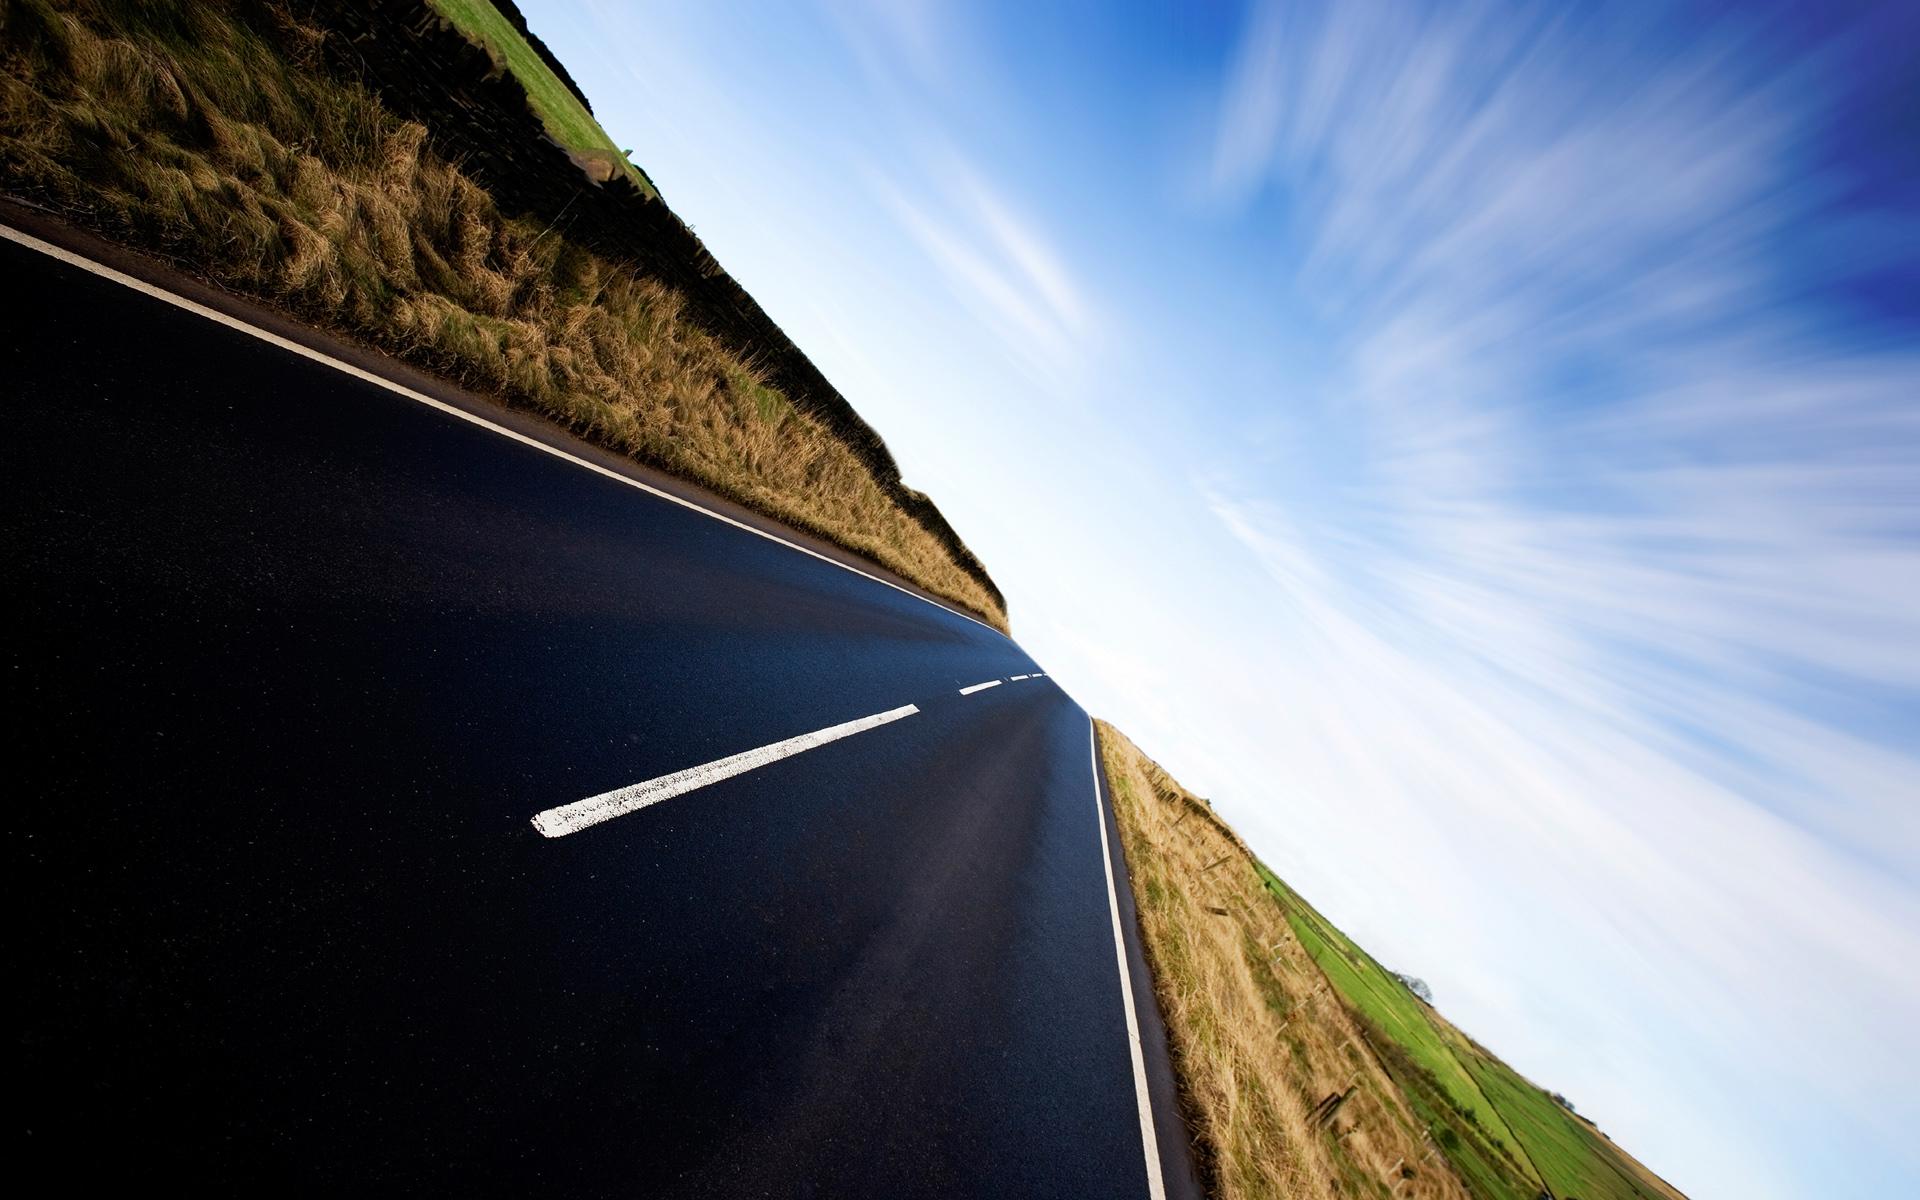 прямое как стрела шоссе, дорога, асфальт, обои для рабочего стола